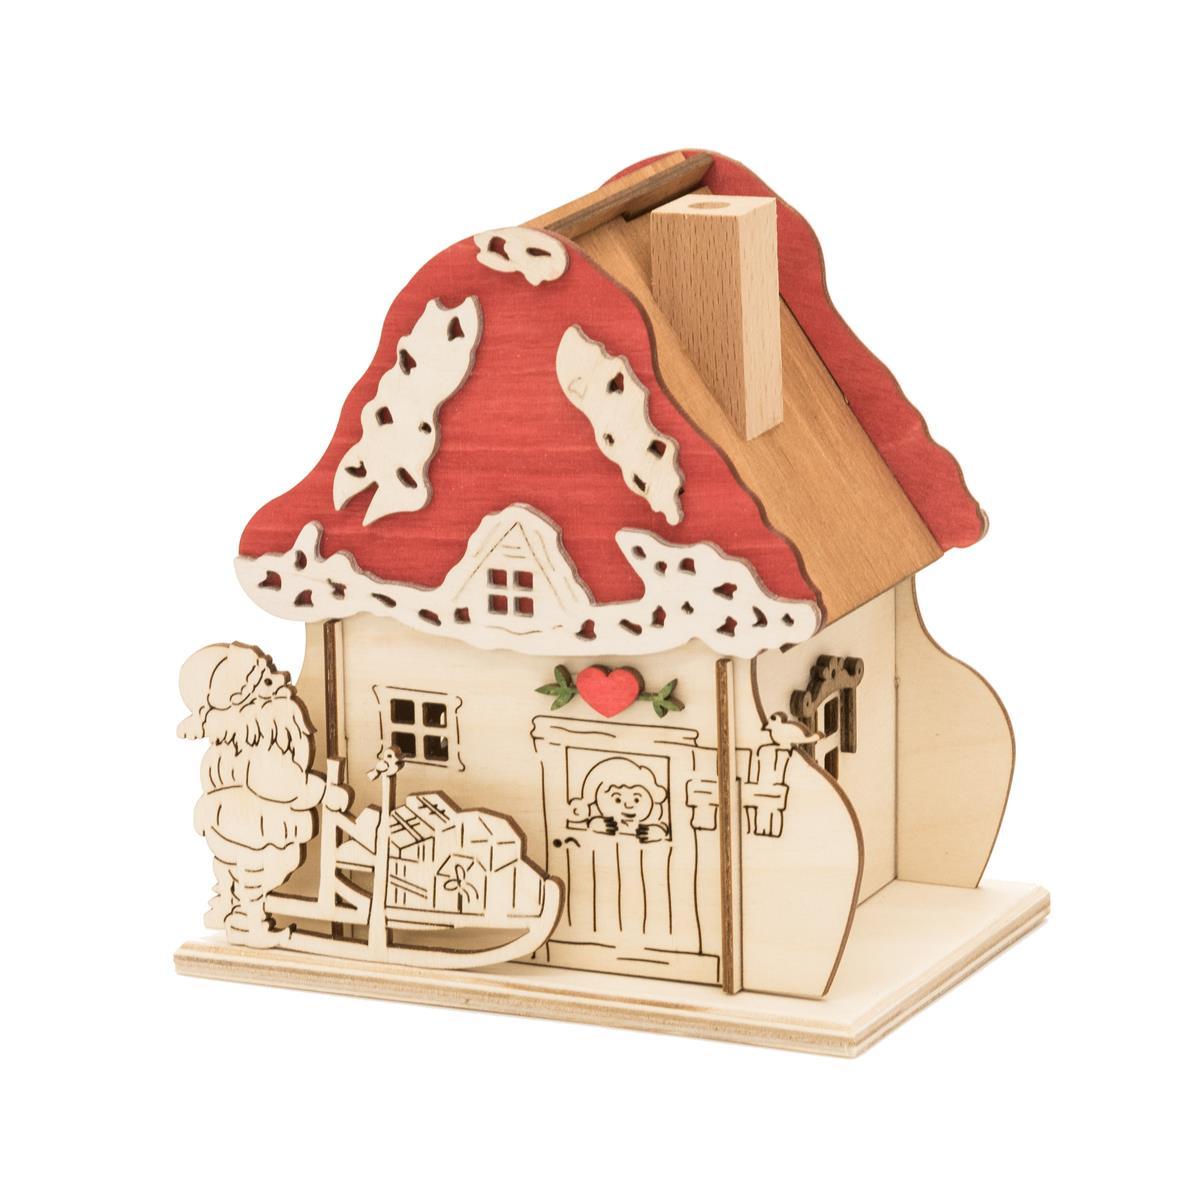 Räucherhäuschen - Pilzhäuschen mit Weihnachtsmann, Original Erzgebirge